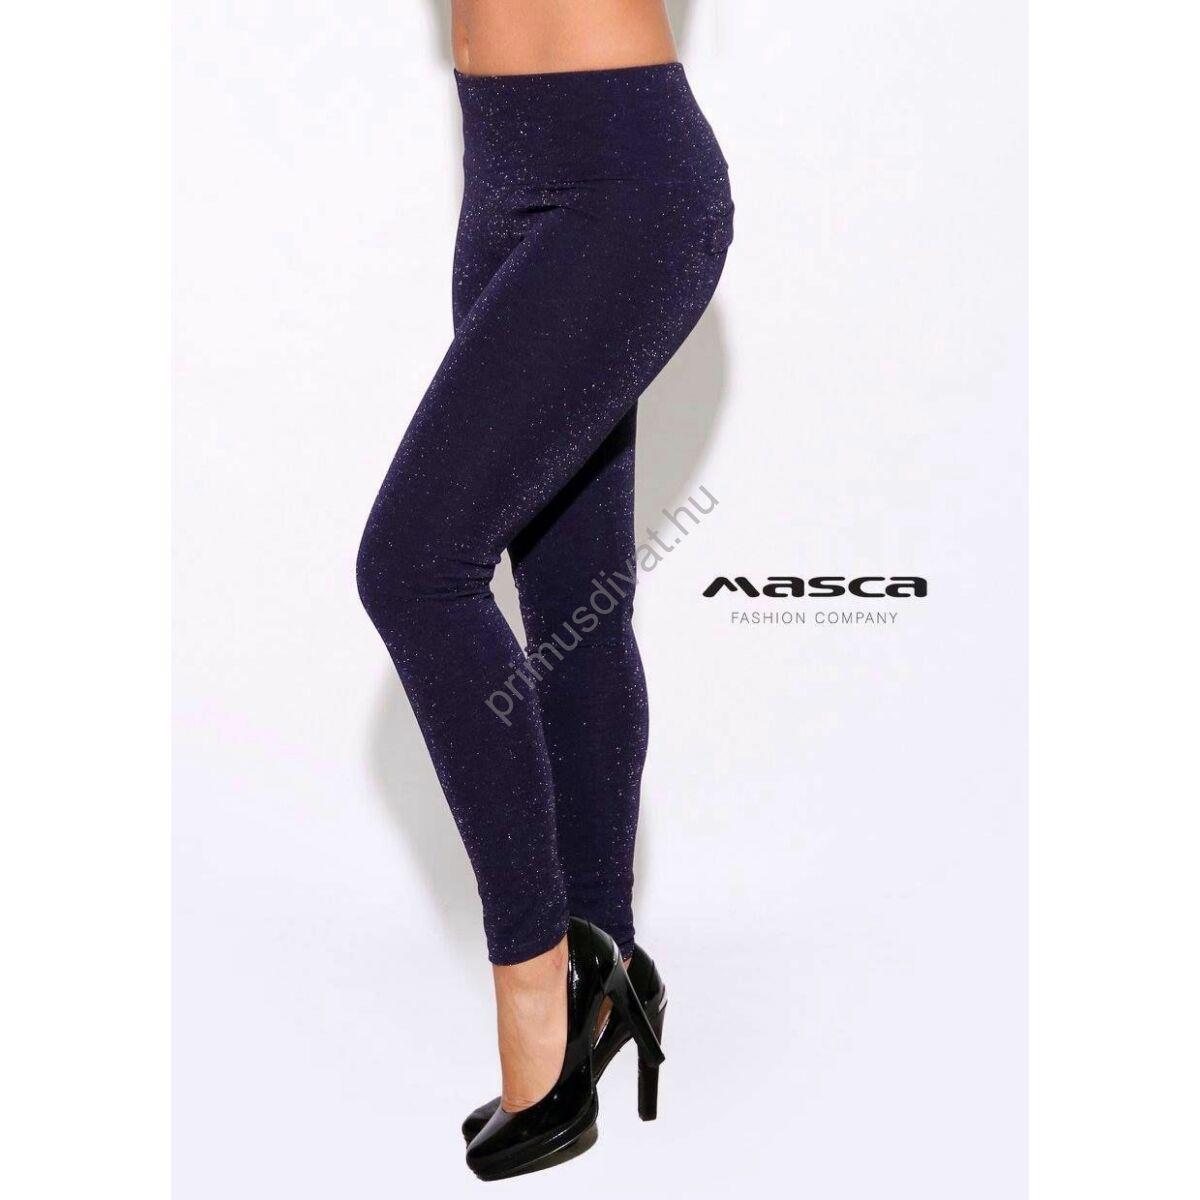 Masca Fashion magasított derekú, ezüst csillámos sötétkék leggings, cicanadrág